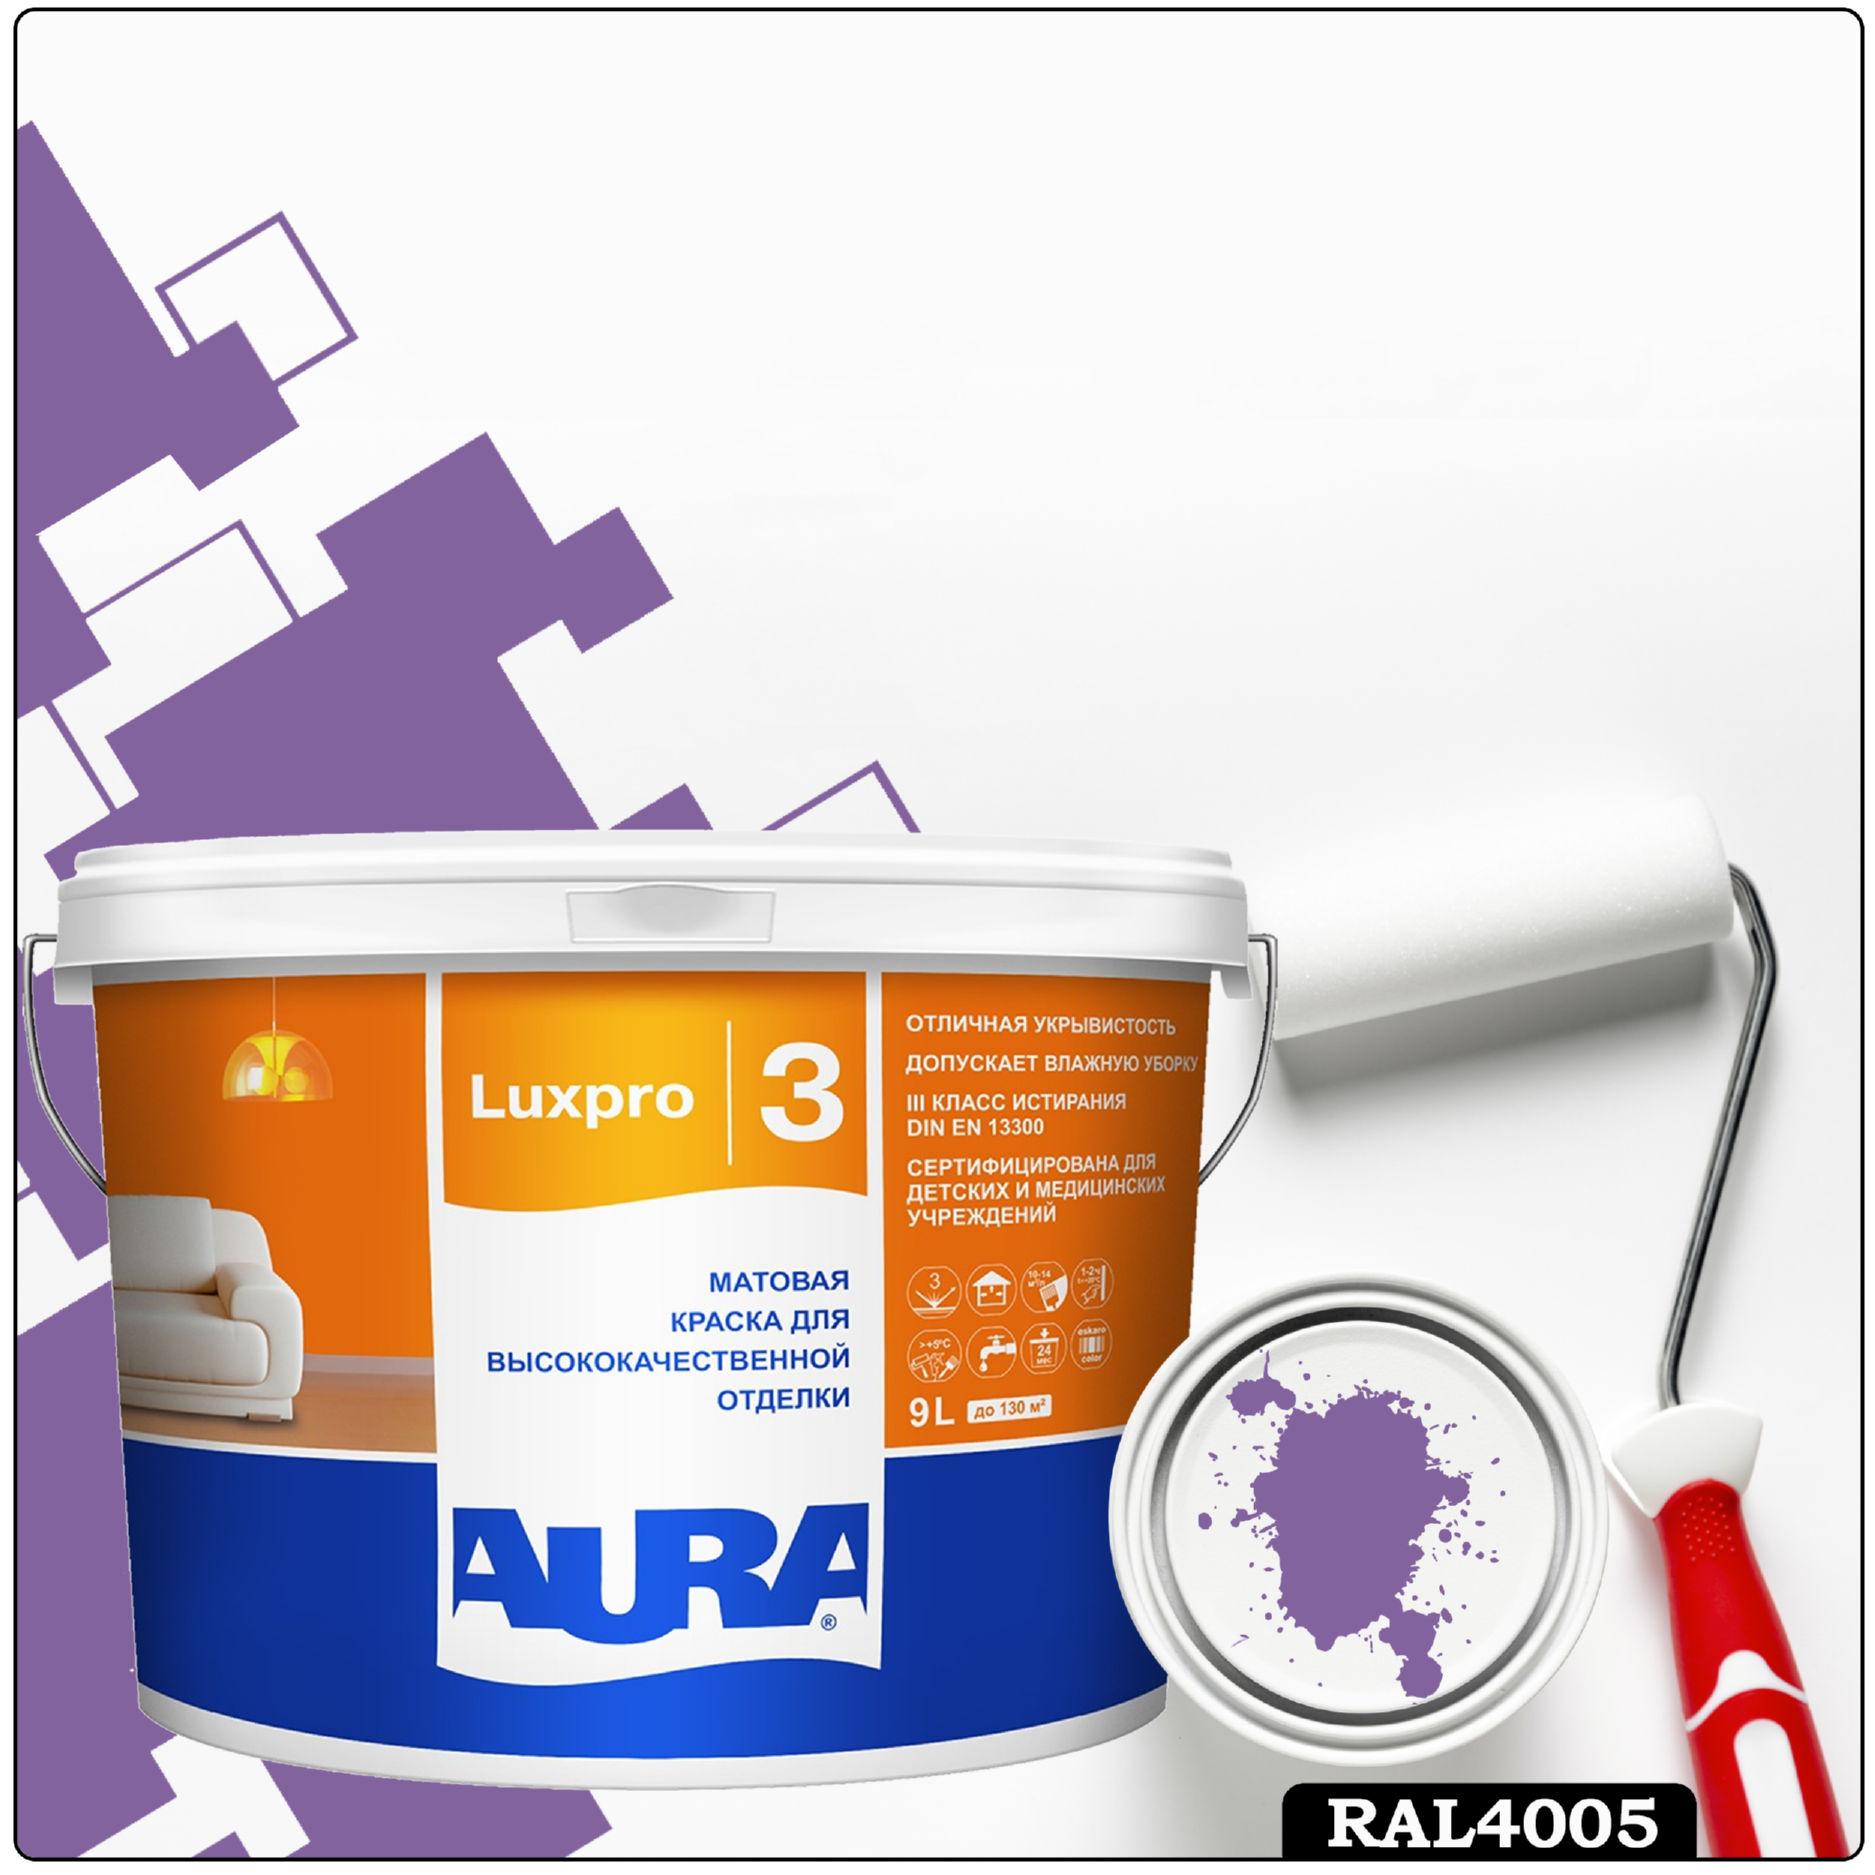 Фото 5 - Краска Aura LuxPRO 3, RAL 4005 Сине-сиреневый, латексная, шелково-матовая, интерьерная, 9л, Аура.